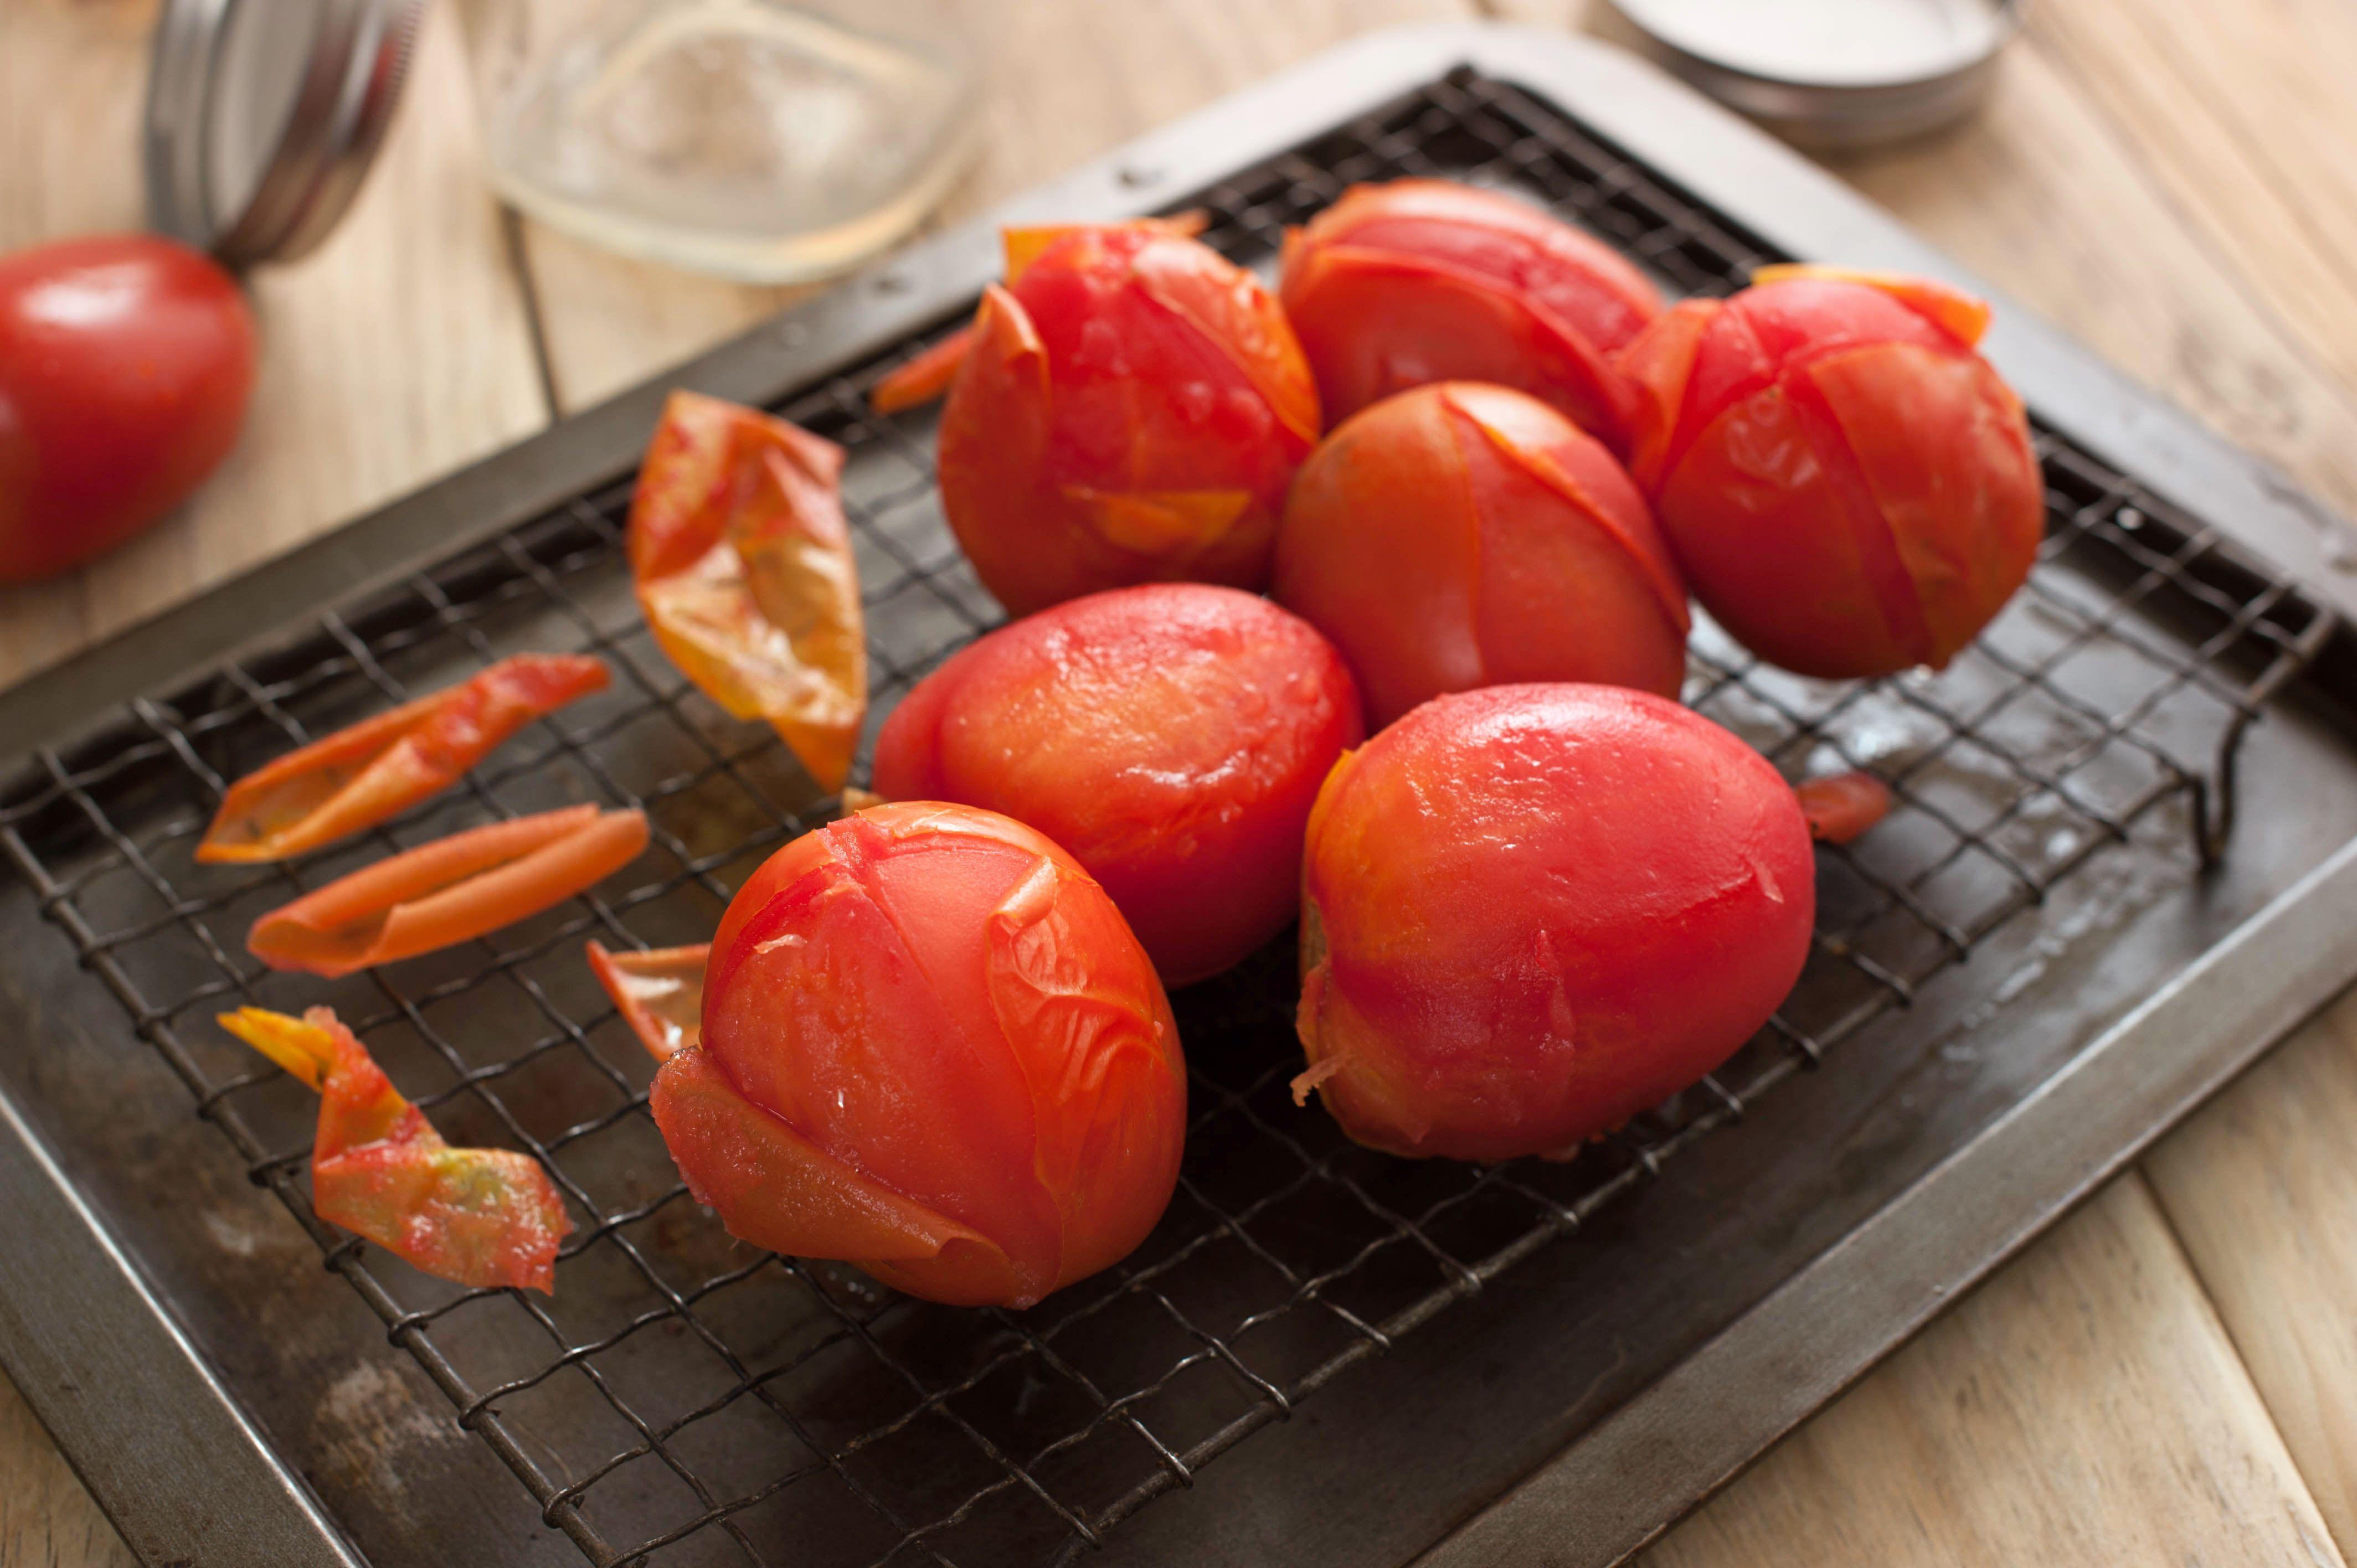 Remove tomato skins